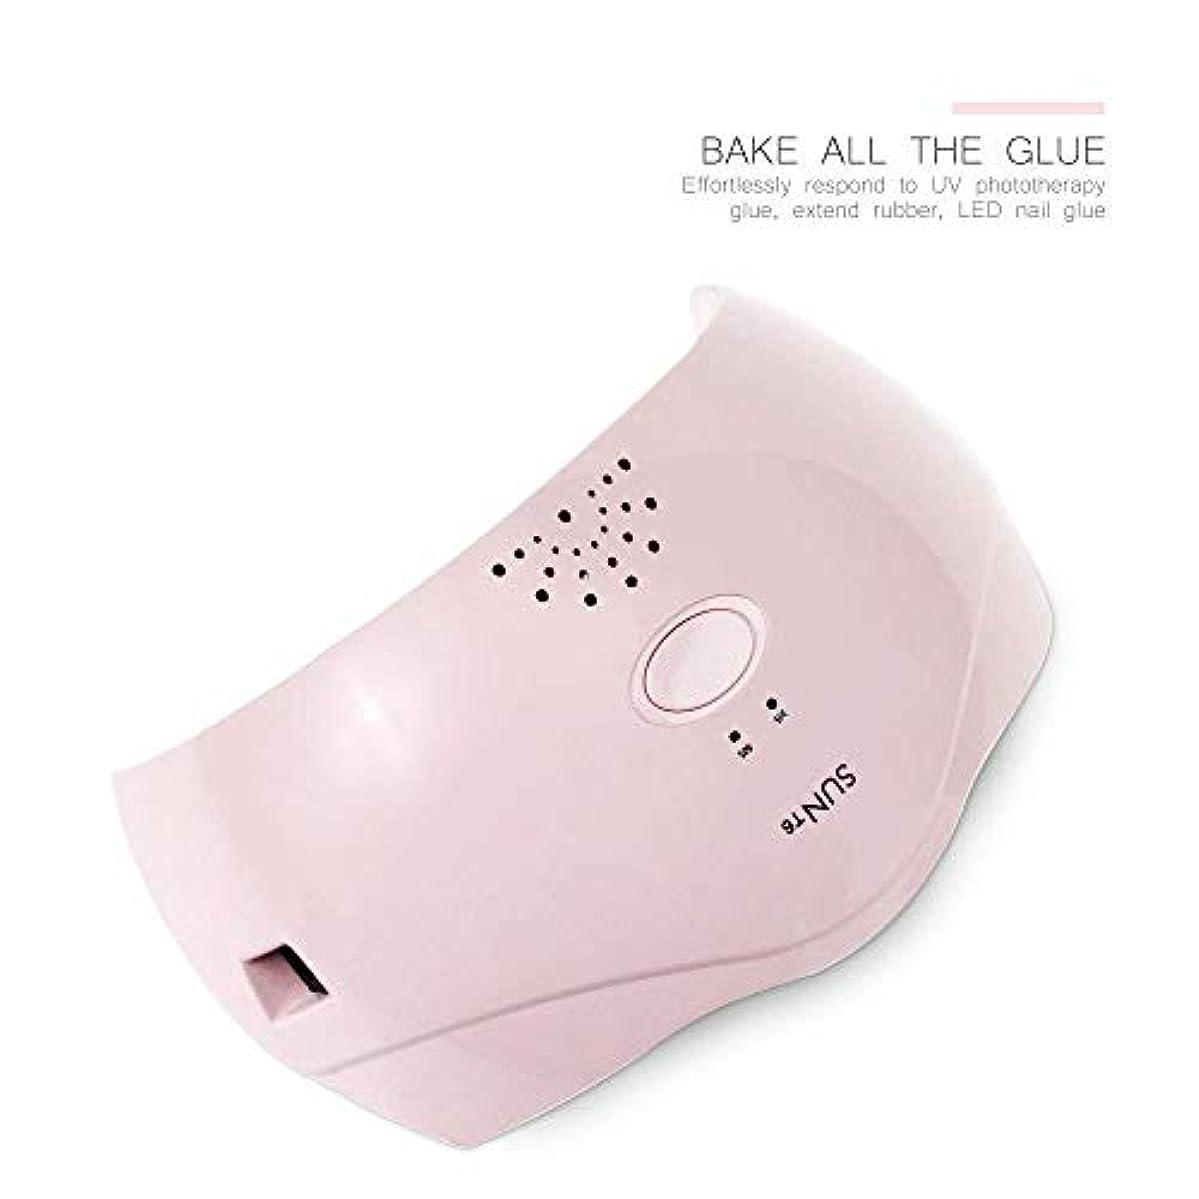 リンス小学生ペイントネイルマシン24ワットスマートネイル光線療法機デュアル光源2スピードタイマークイック乾燥、ピンク (Color : Pink)